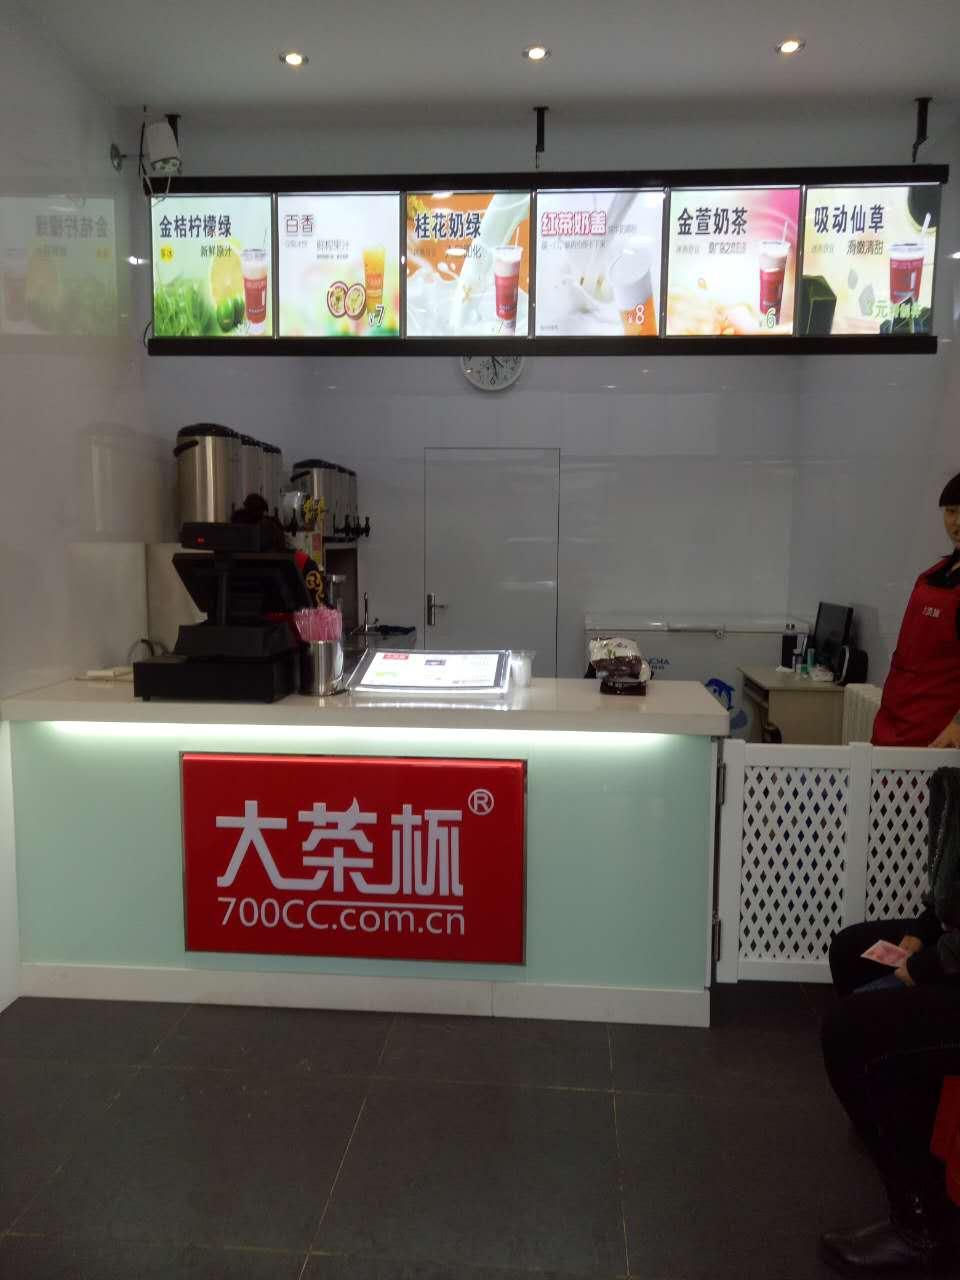 鶴崗新世紀店